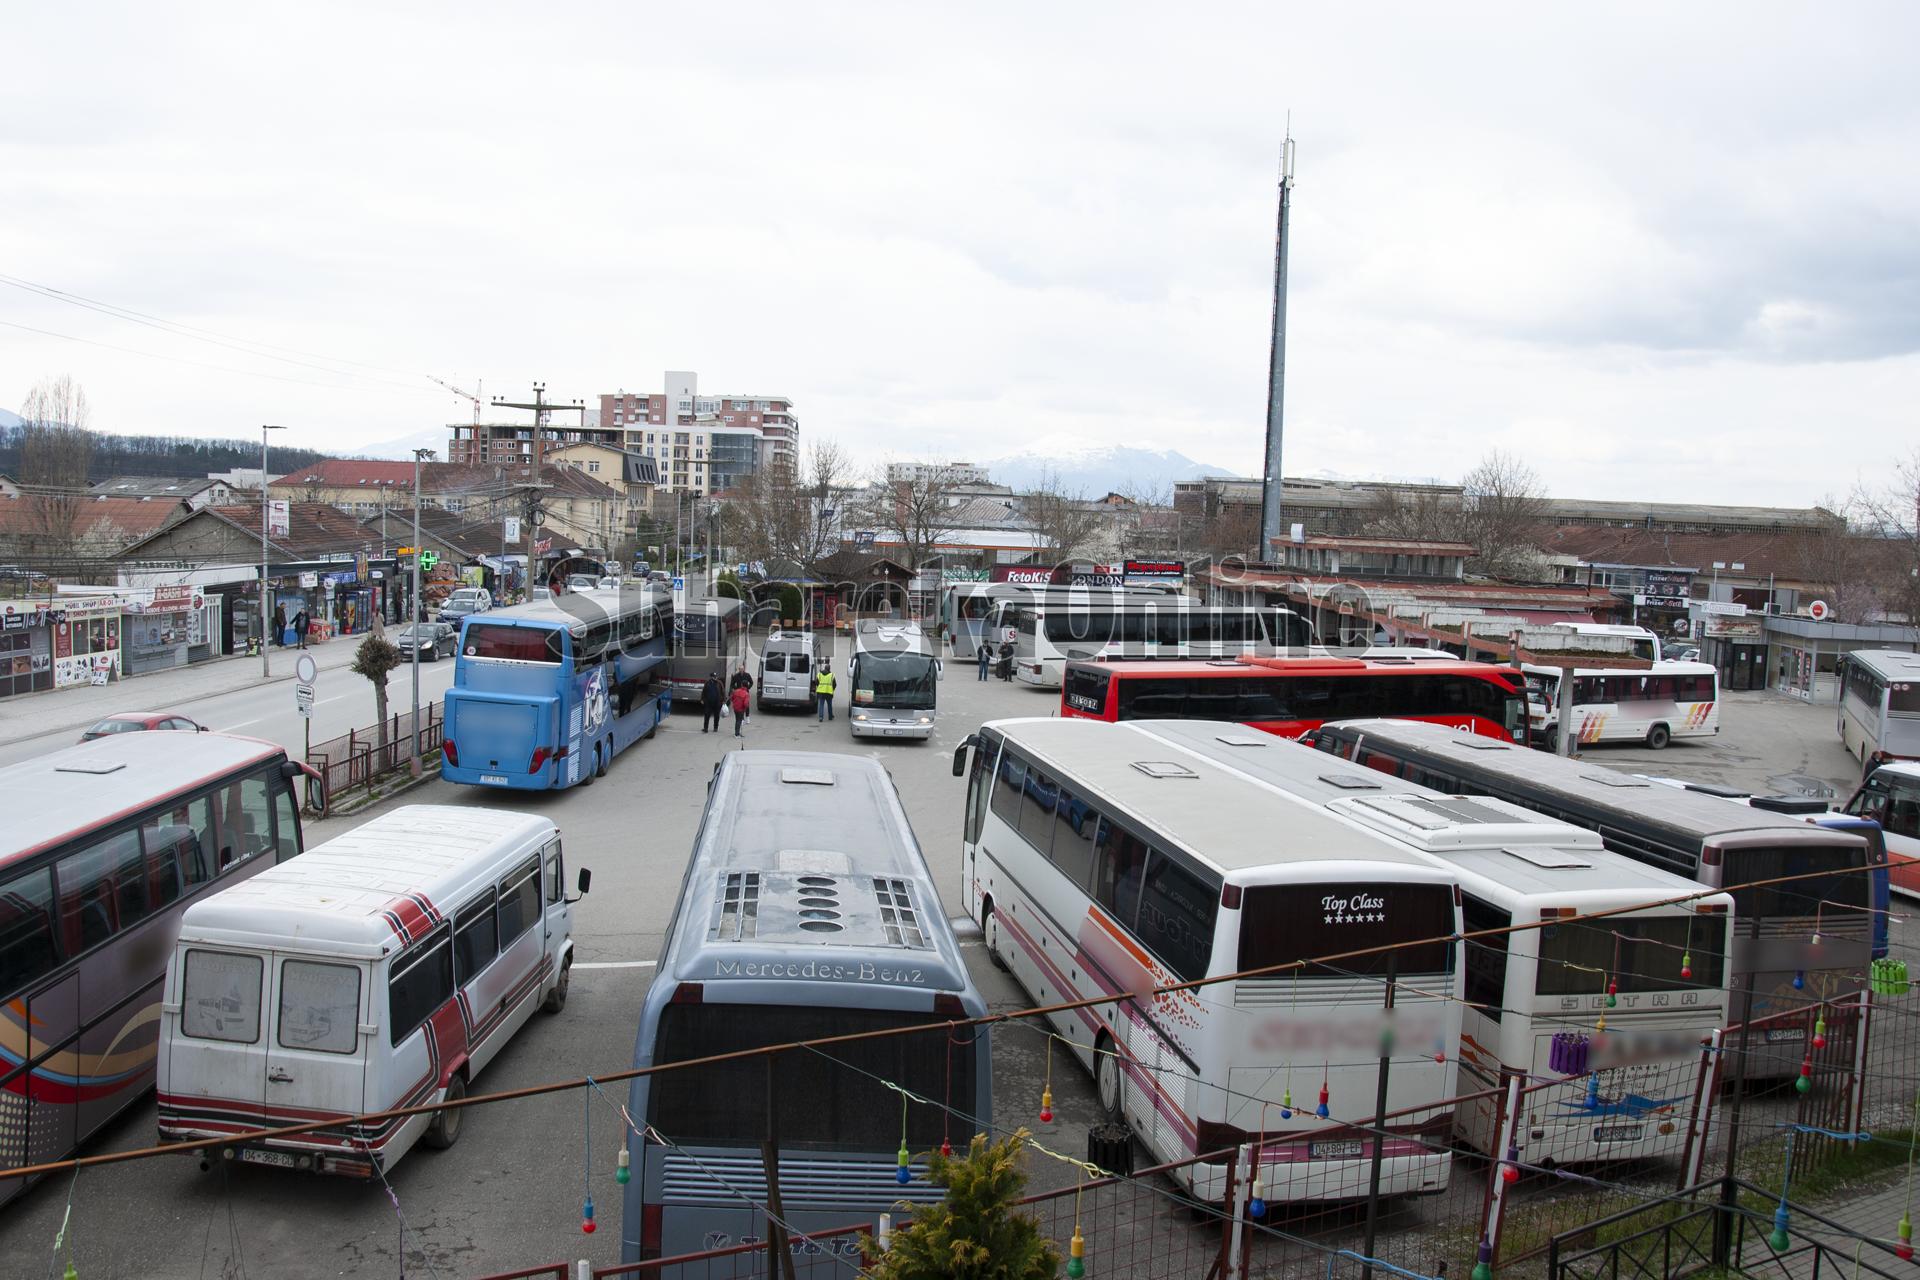 Pezullohet përkohësisht greva, nis qarkullimi i autobusëve në Kosovë